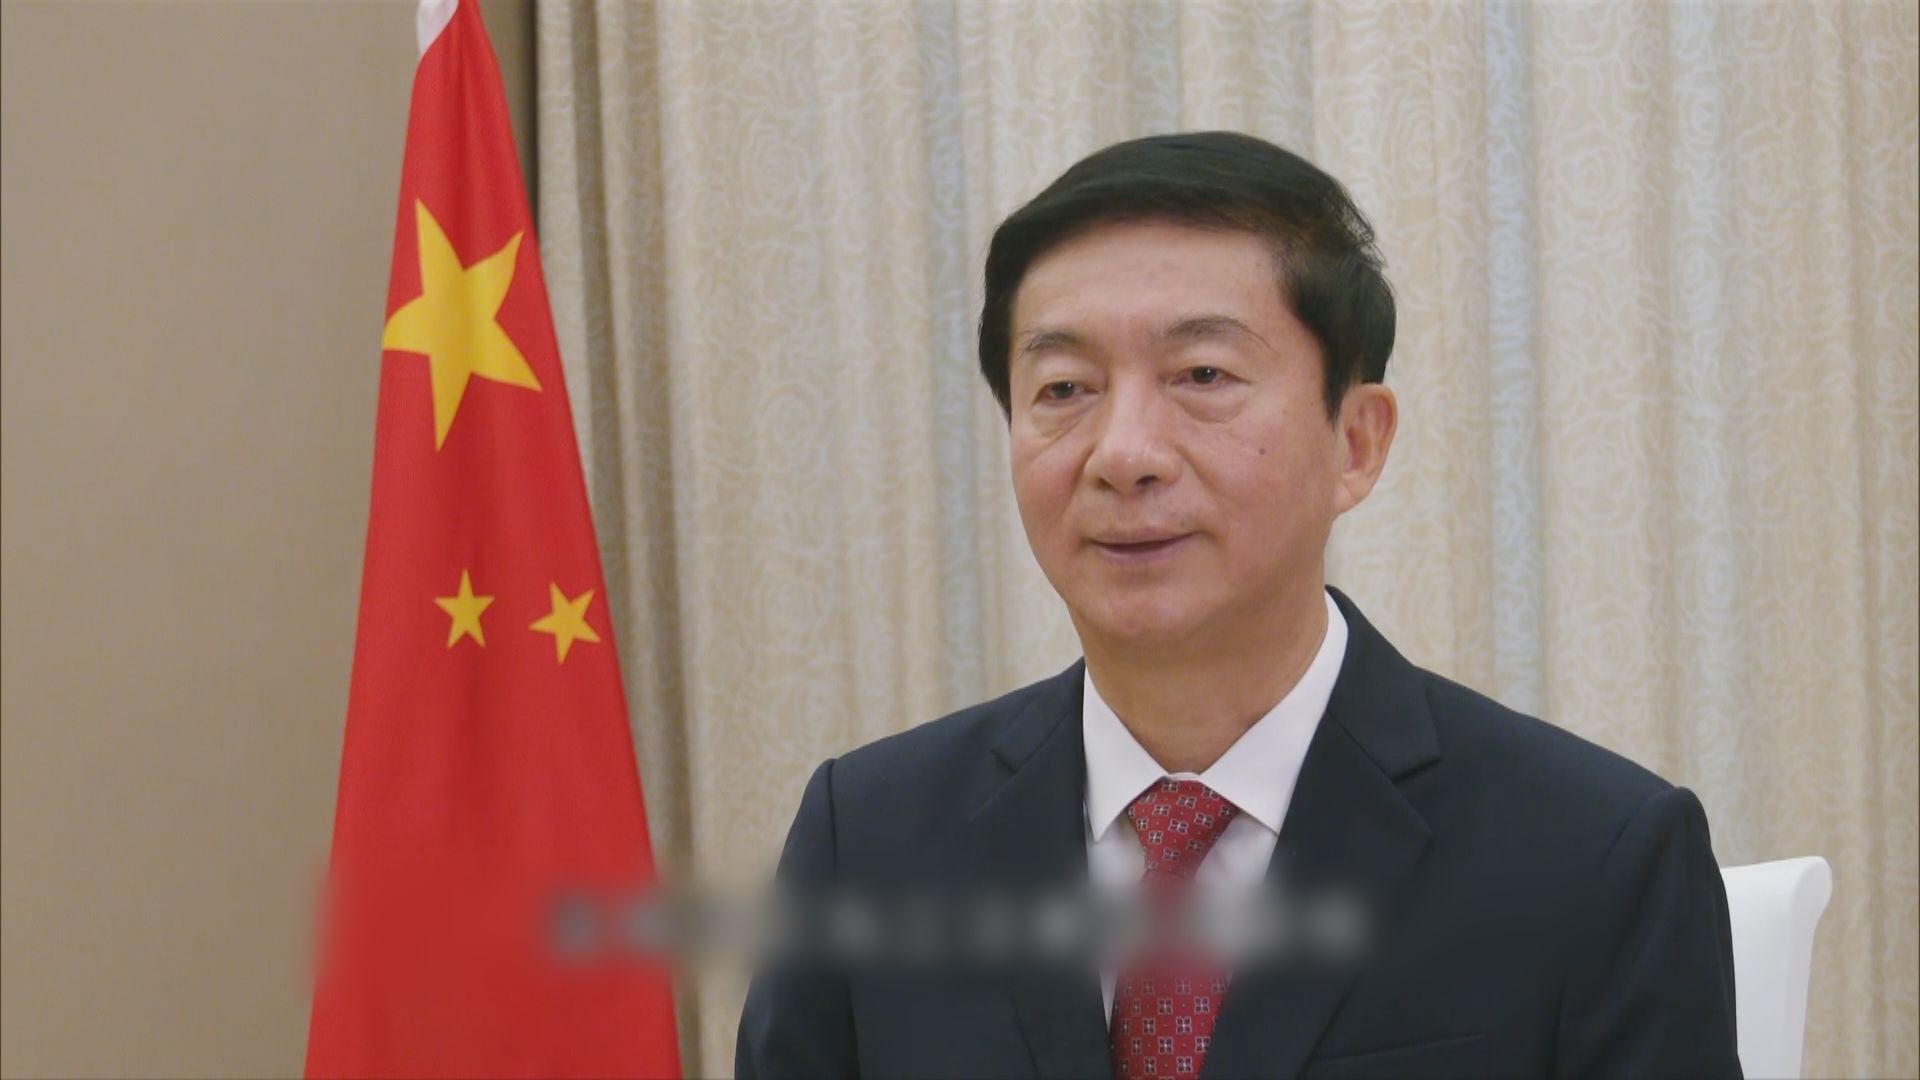 駱惠寧:取消議員資格為立法會定下政治規矩和底線標準